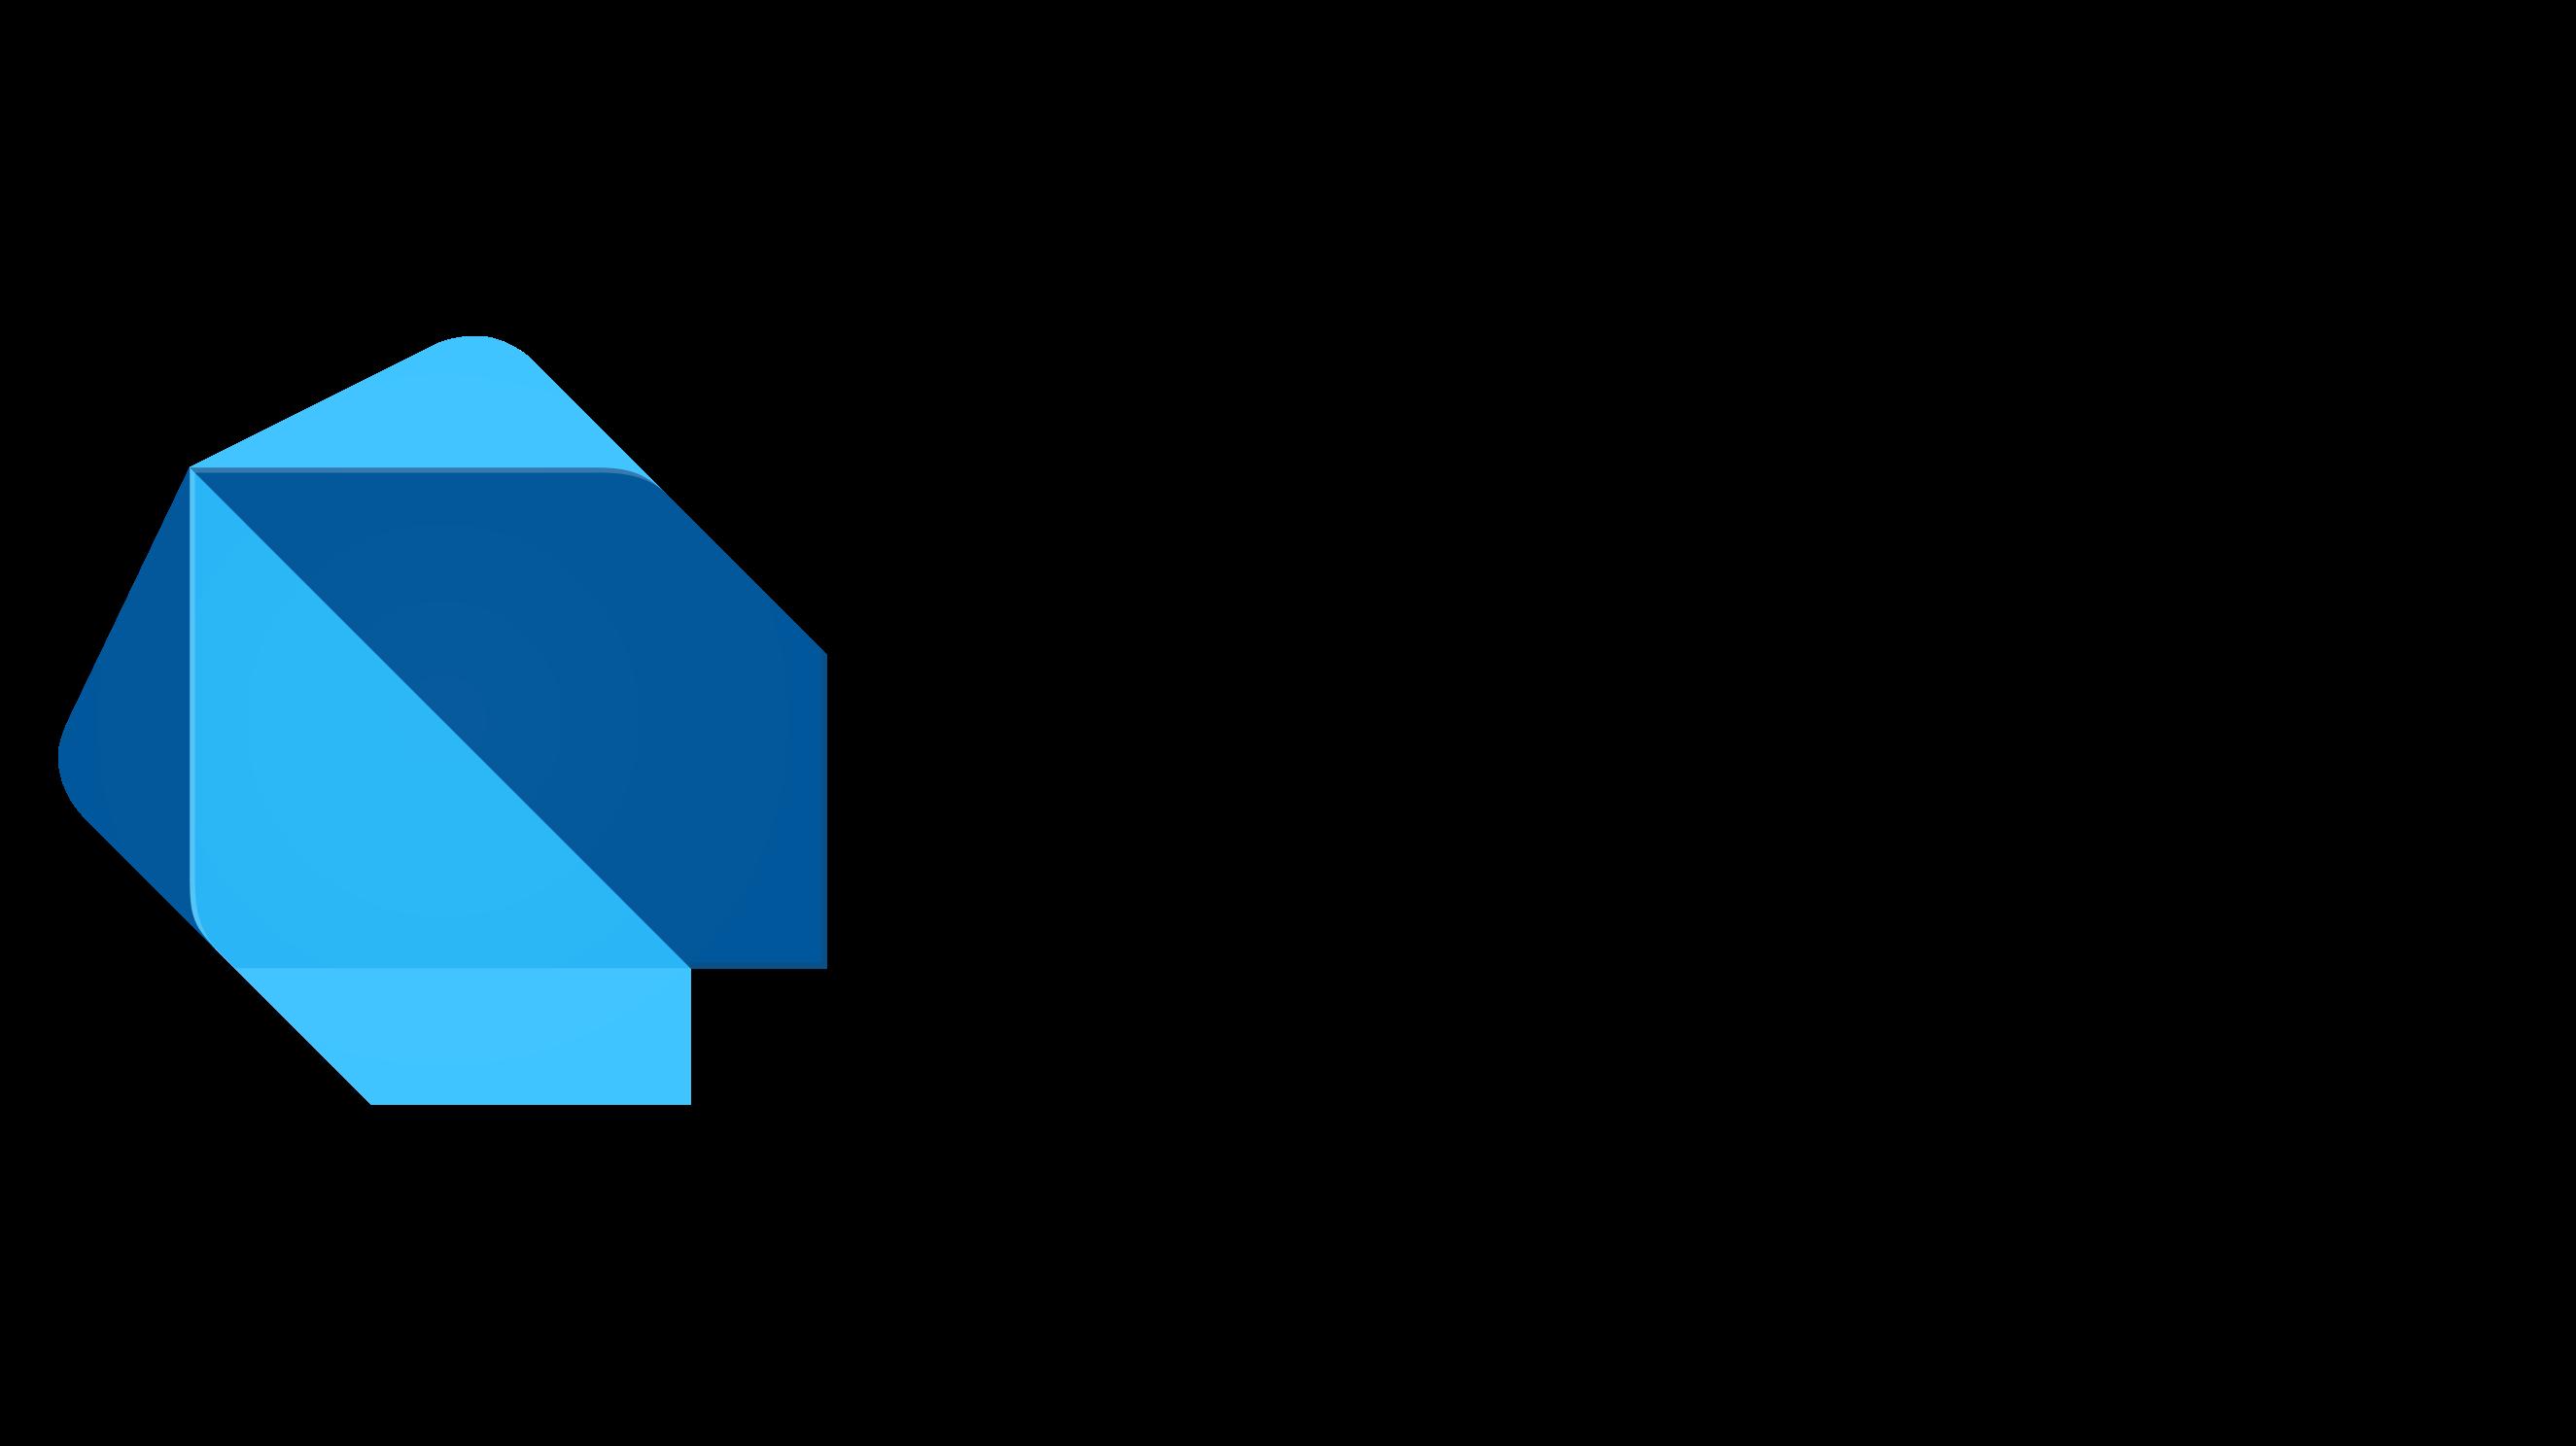 dart_logo.png